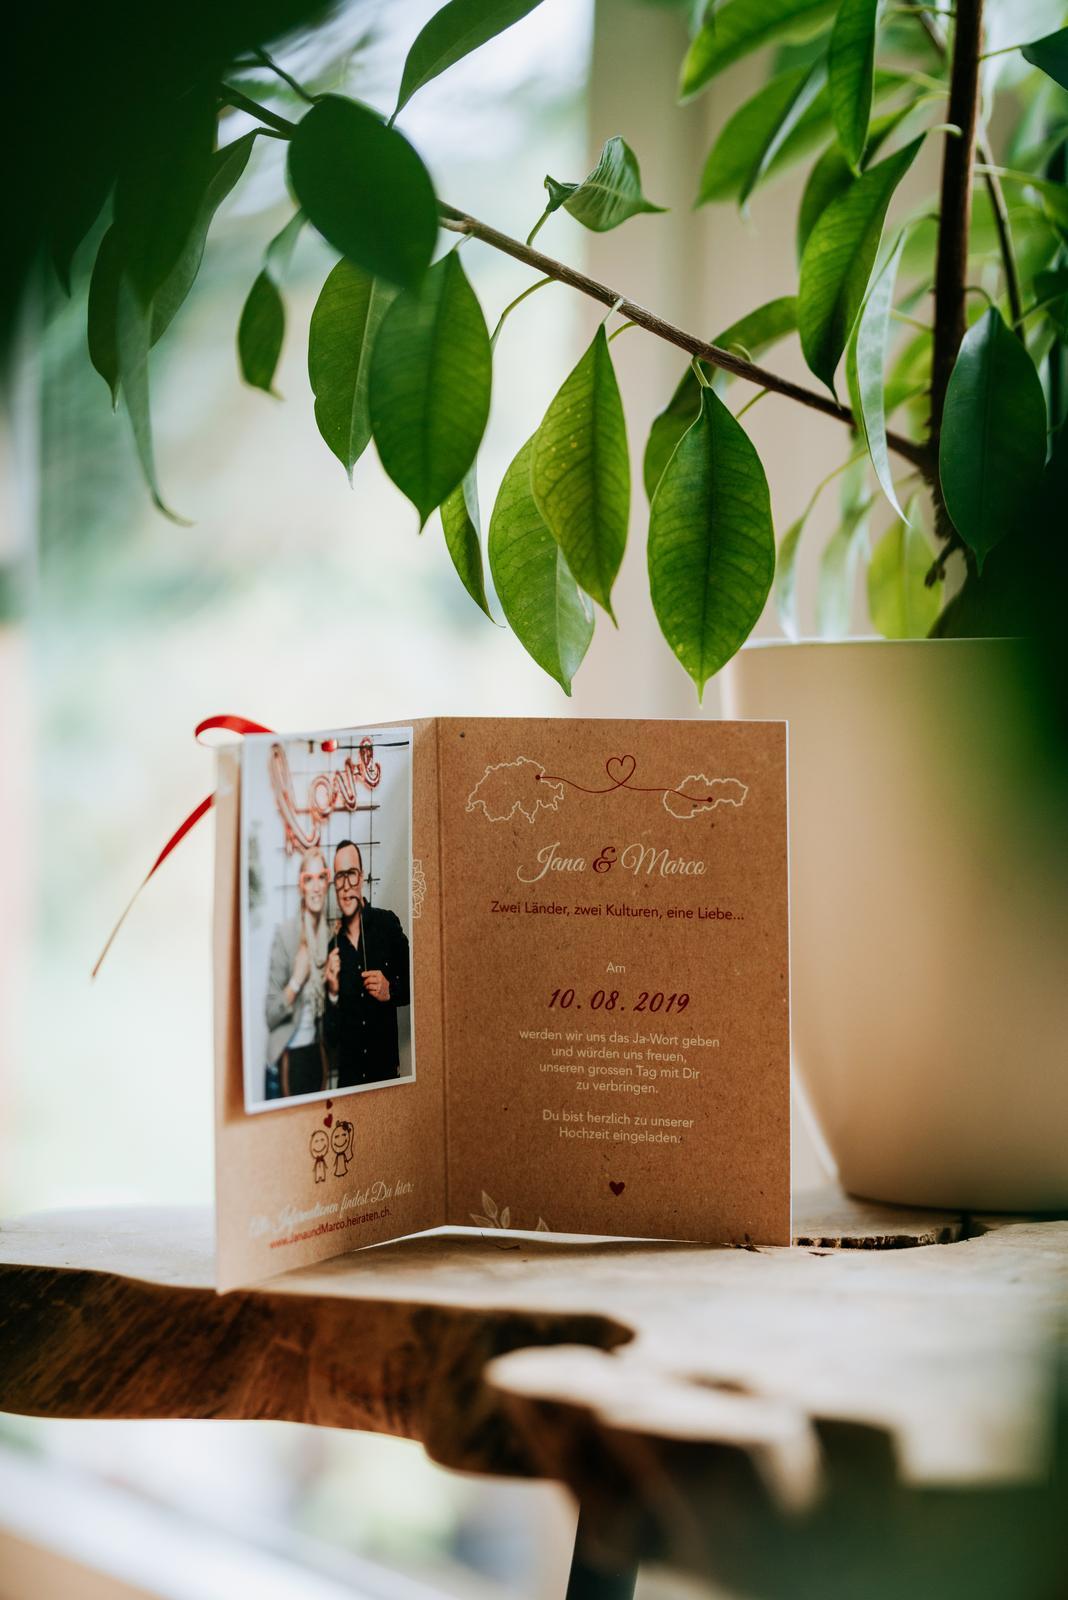 Personalizované svadobné oznámenie 🙂 - Obrázok č. 1